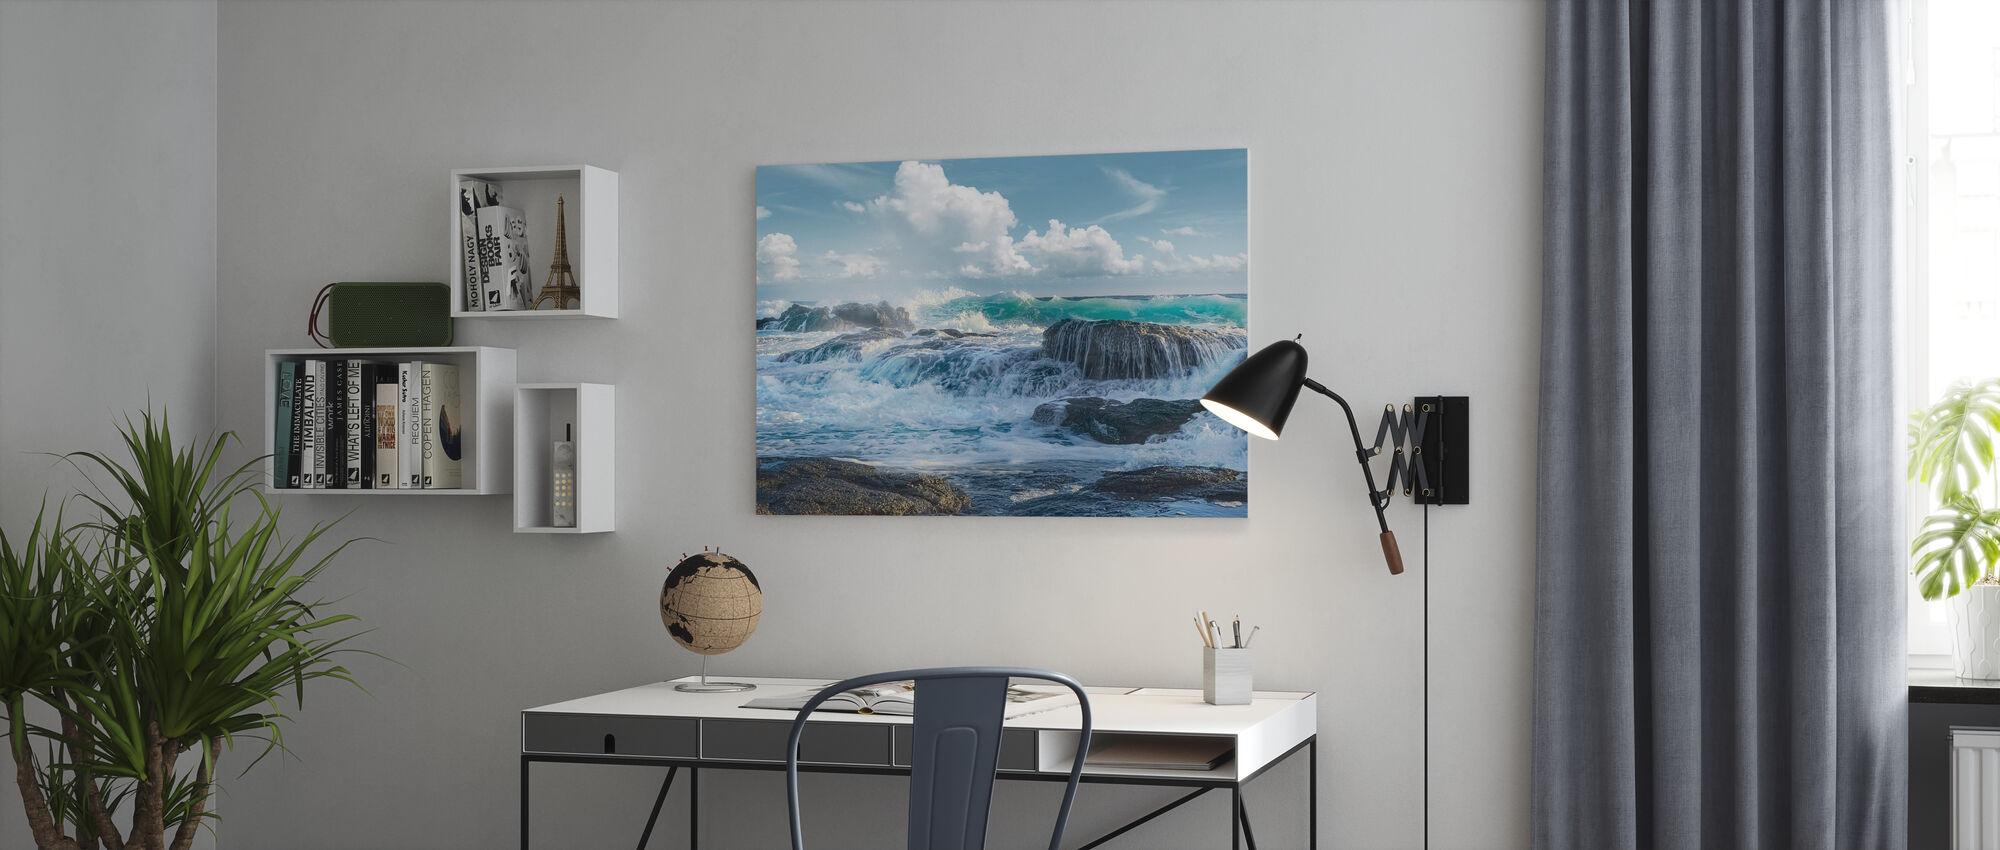 Bruisend - Canvas print - Kantoor